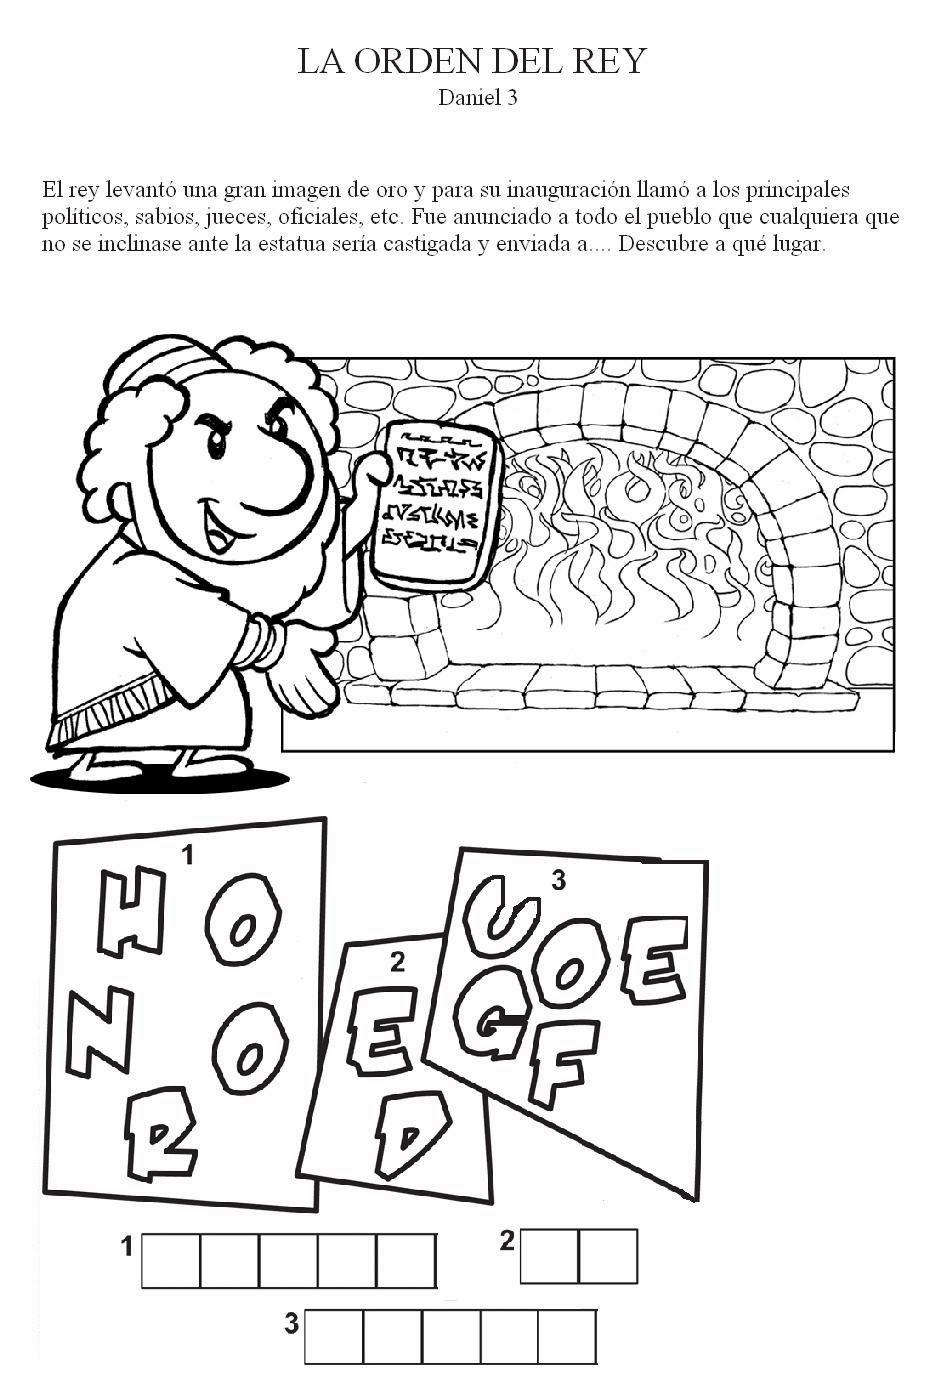 Atractivo Daniel Para Colorear Patrón - Dibujos Para Colorear En ...